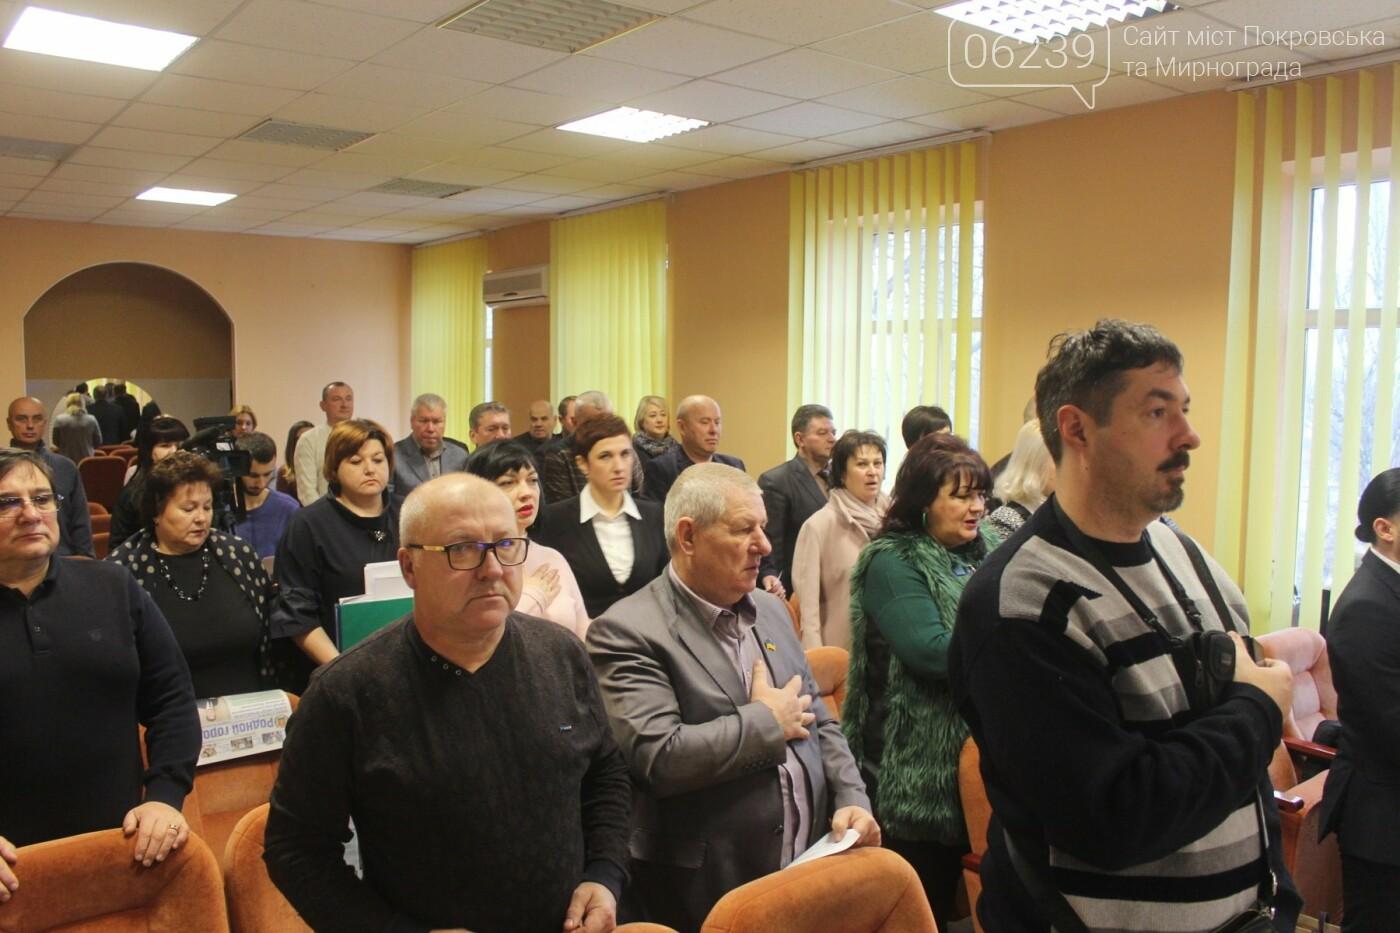 Бюджет на 2019-й год и реконструкция парка: в Мирнограде состоялась 54-я сессия городского совета, фото-3